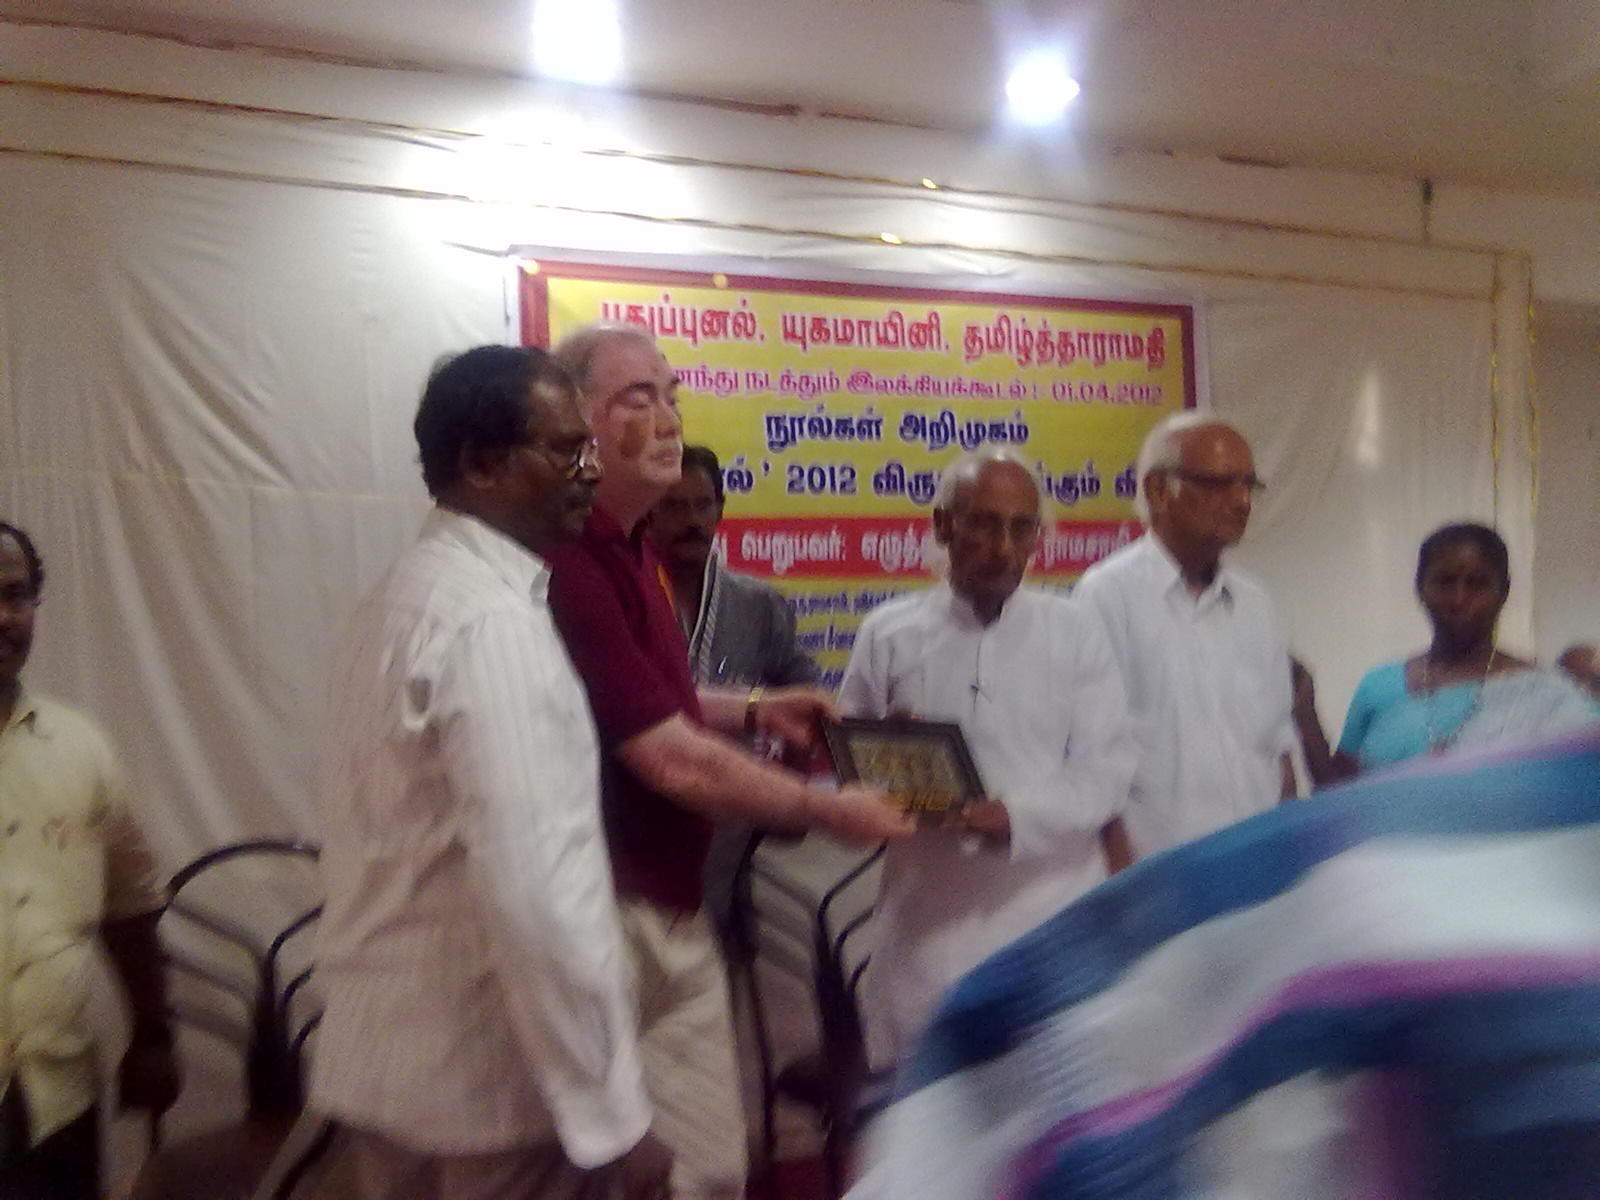 புதுப்புனல் விருது 2012 ஏற்புரை – நானும் என் ஸ்குரூ டிரைவரும்